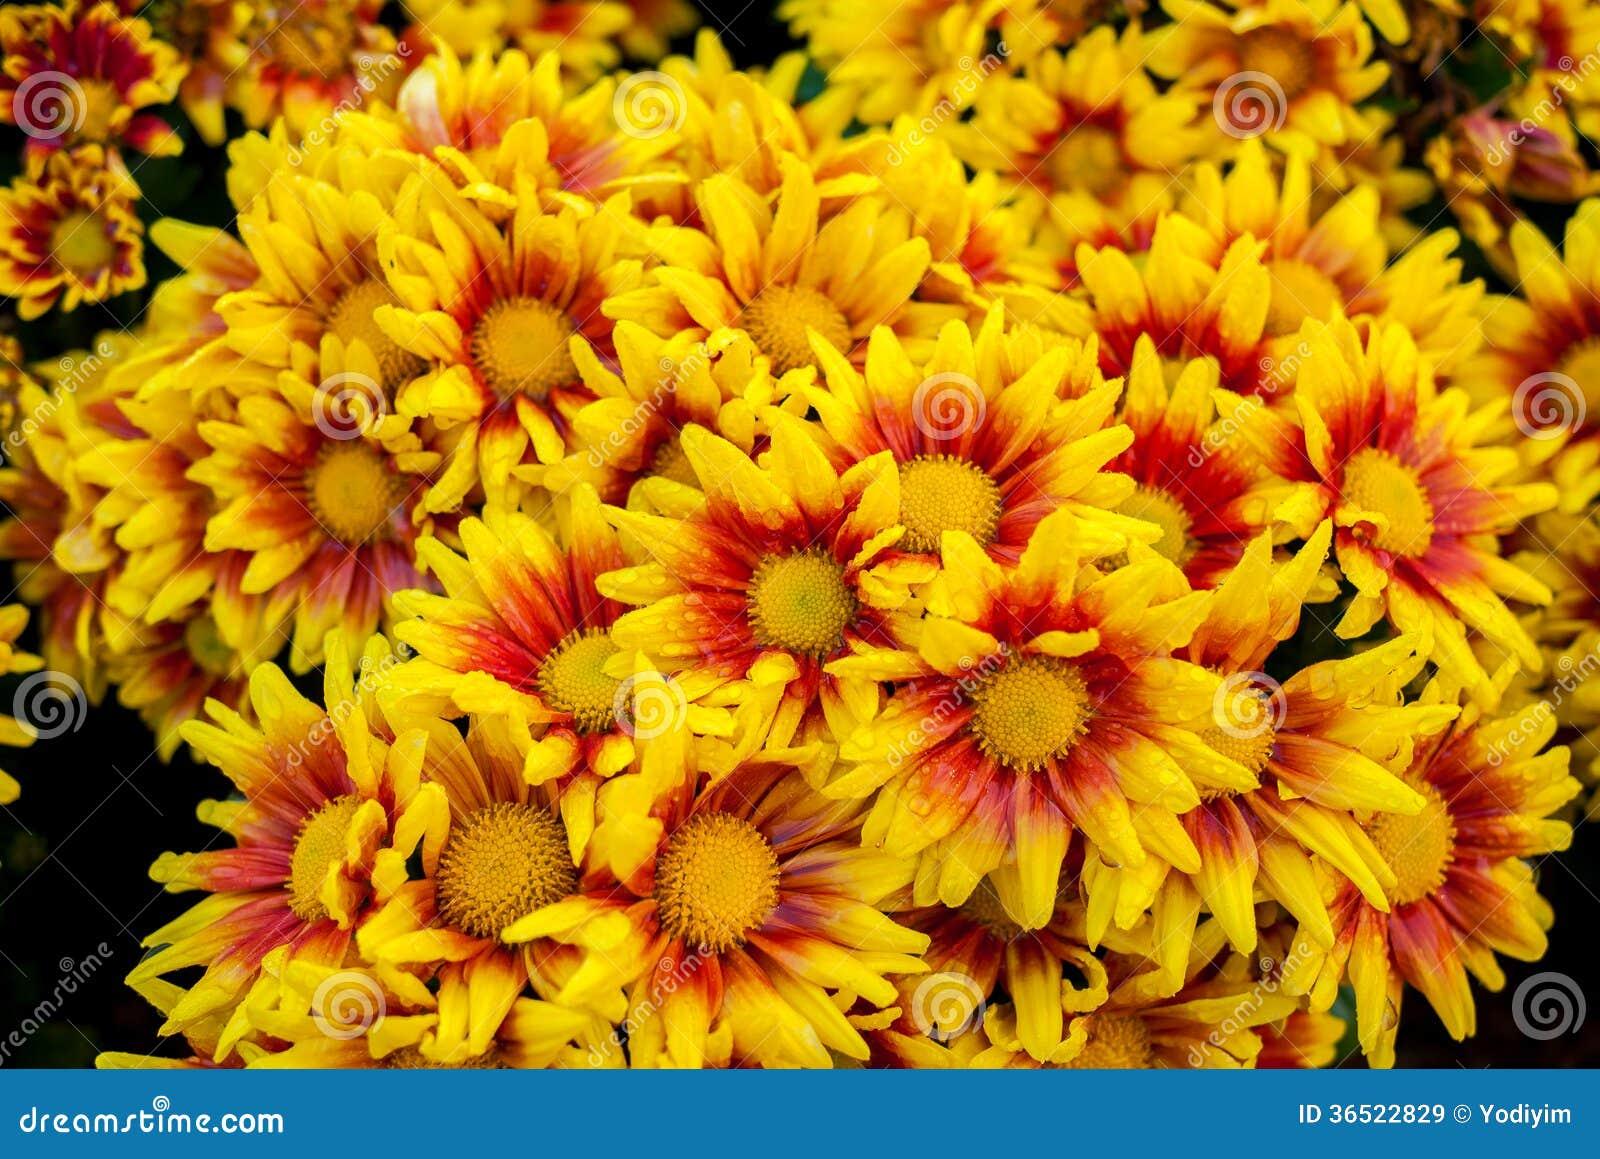 Όμορφα λουλούδια χρυσάνθεμων